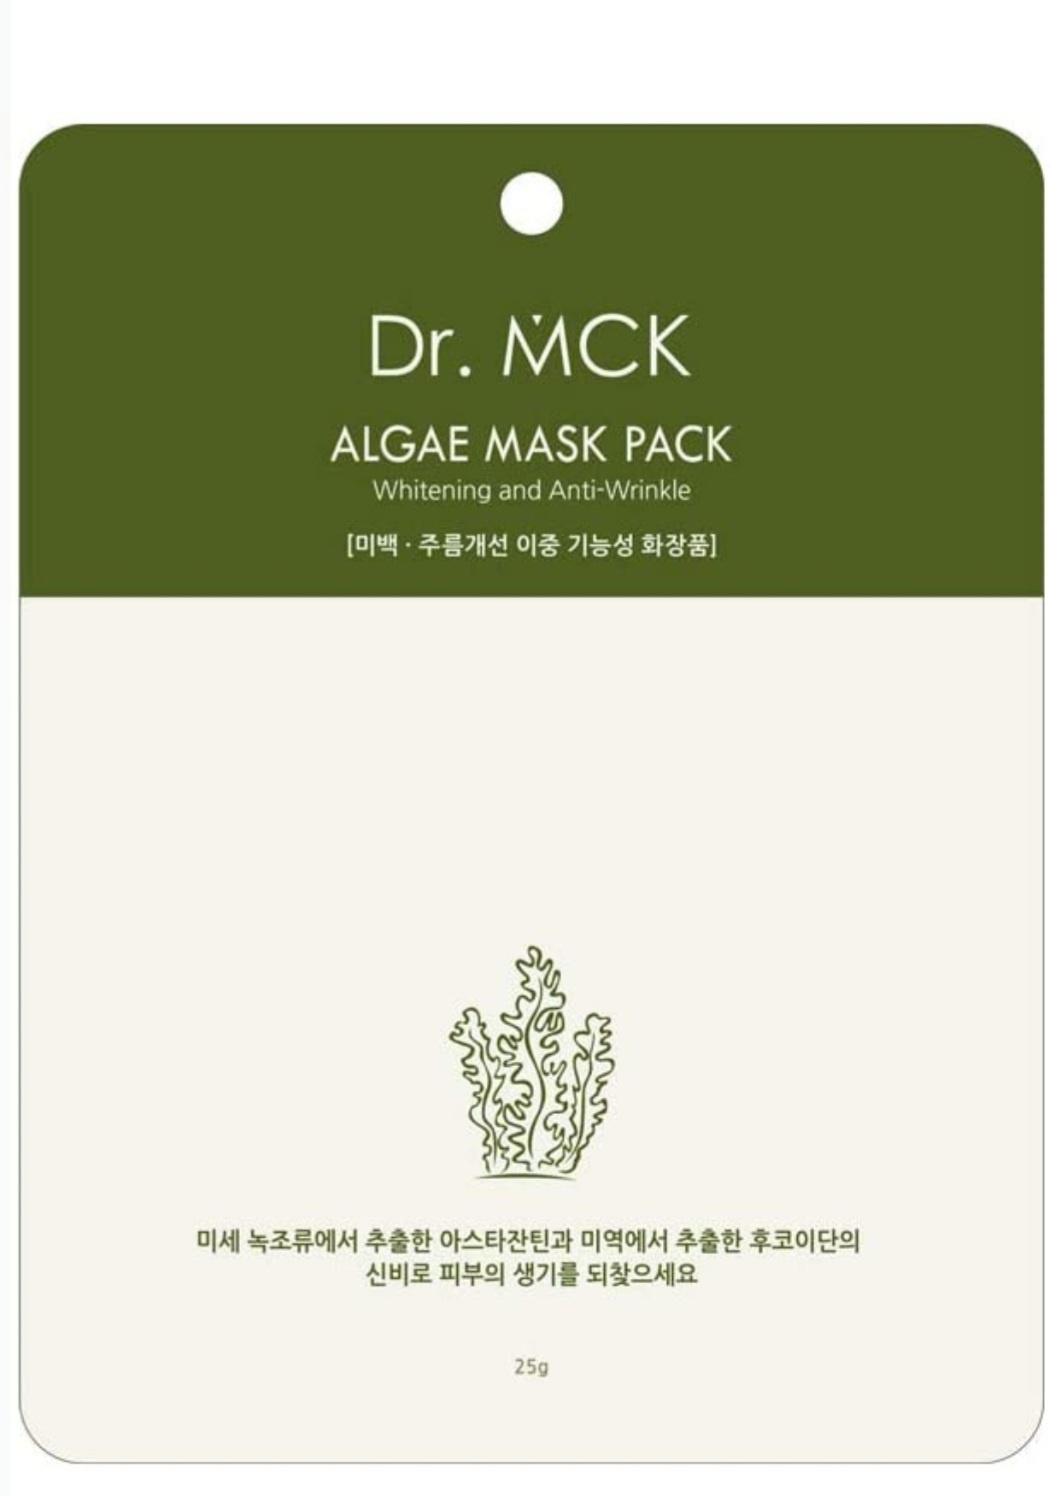 Dr. MCK Algae Mask Pack